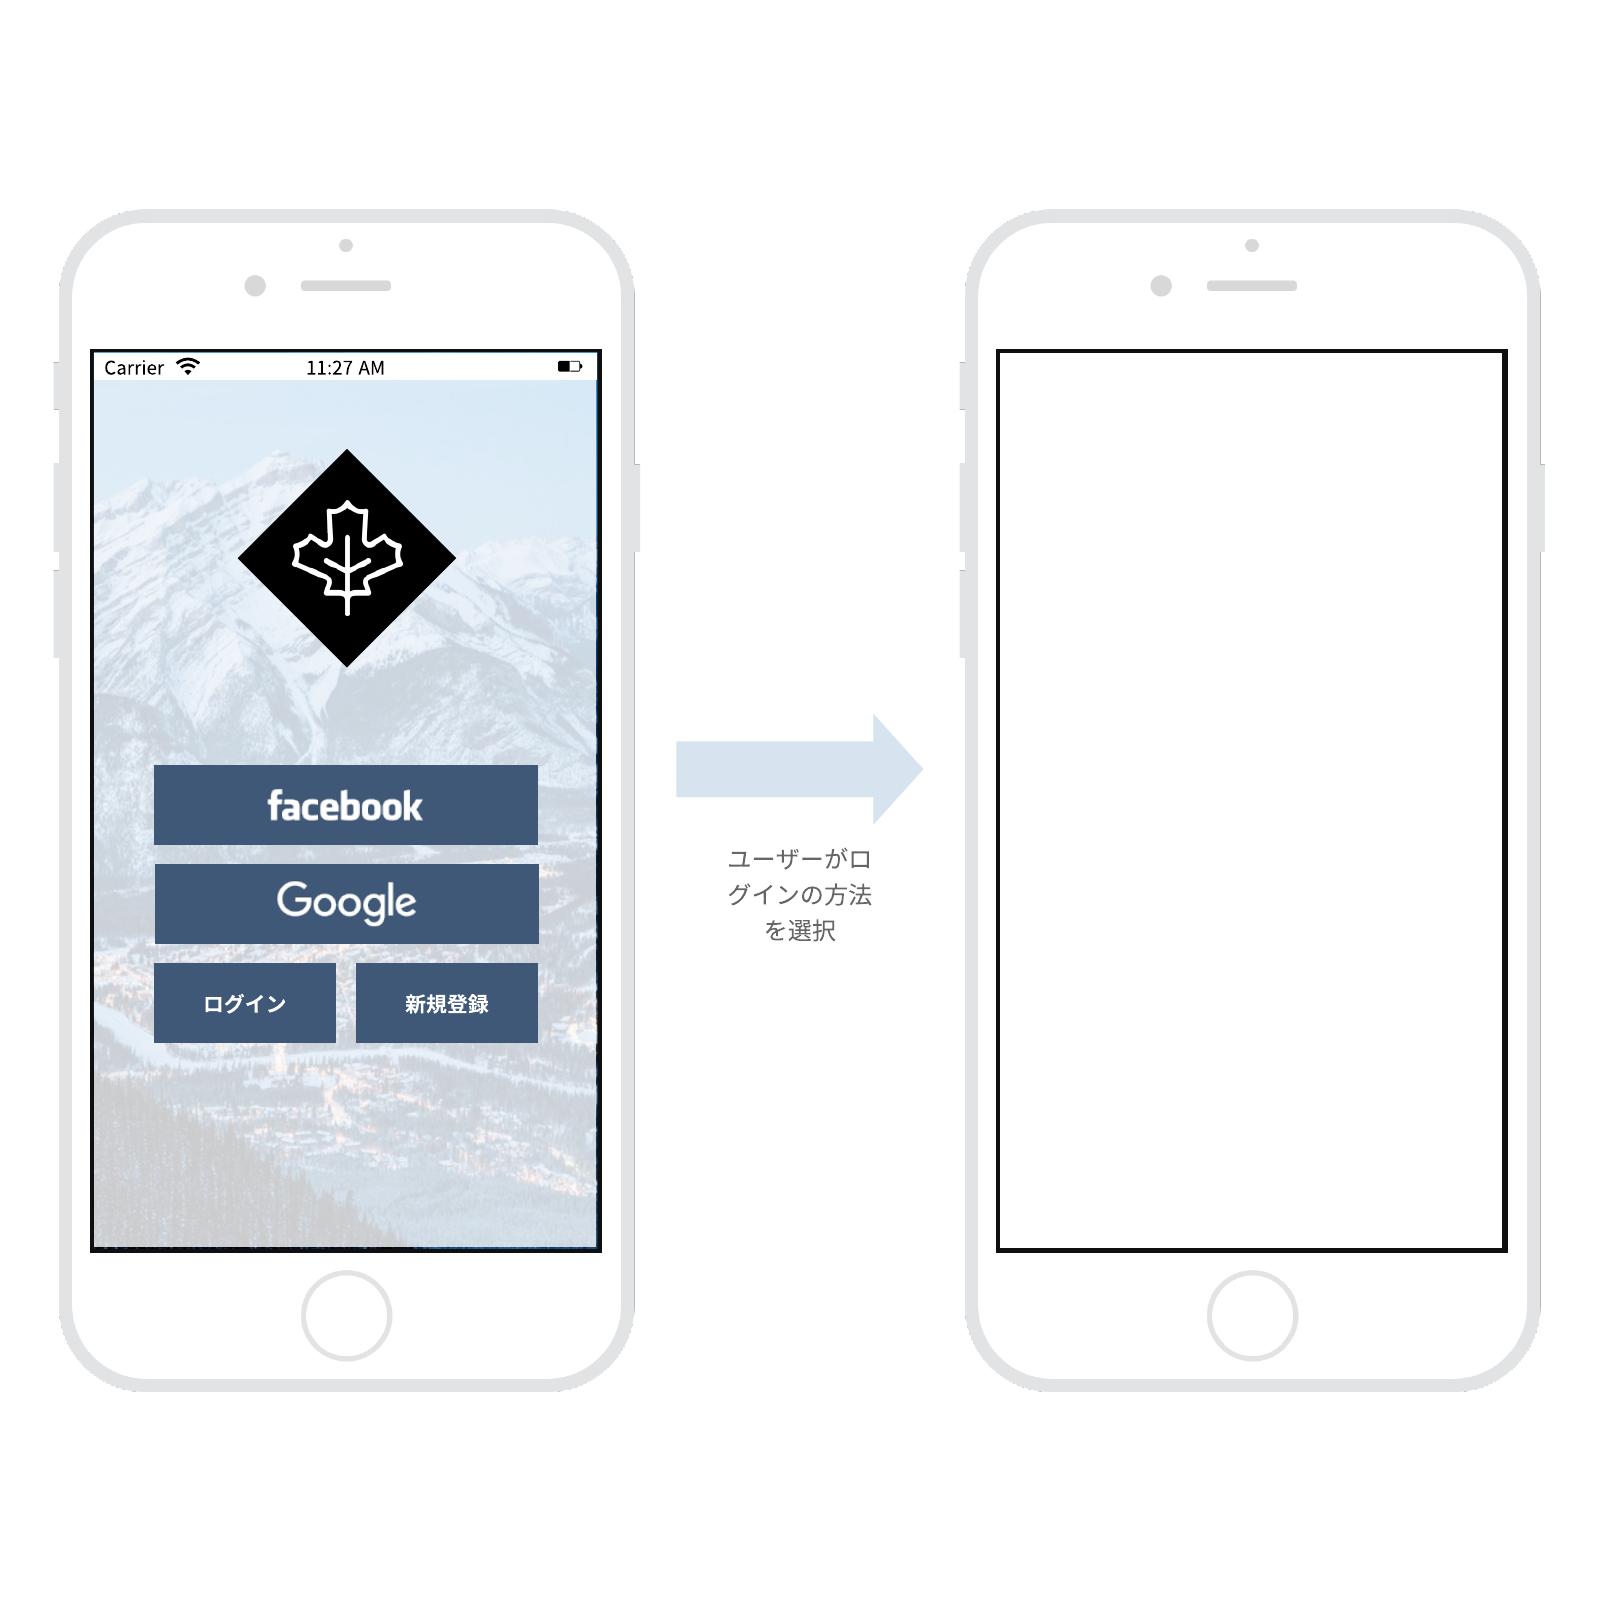 アプリモックアップ デザイン素材